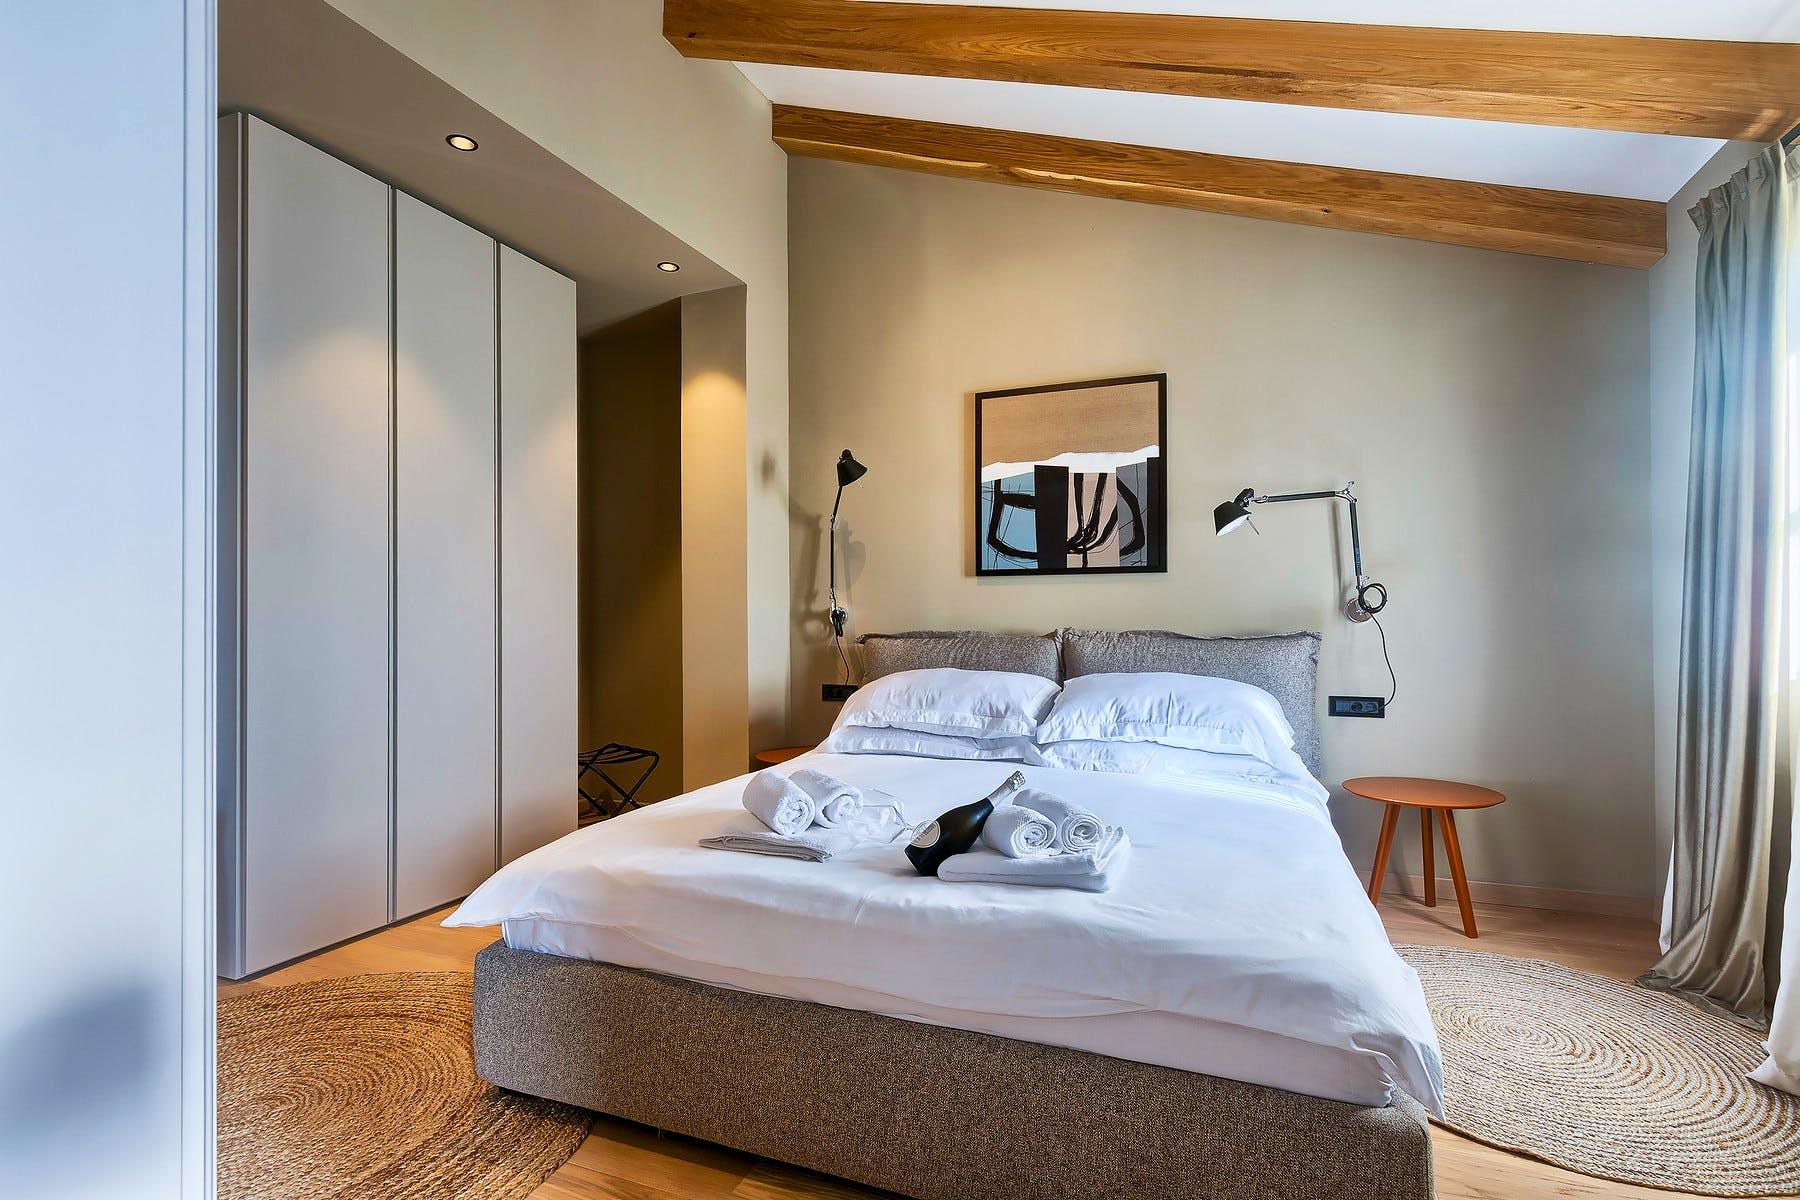 Spavaća soba za dvije osobe s pripadajućom kupaonicom